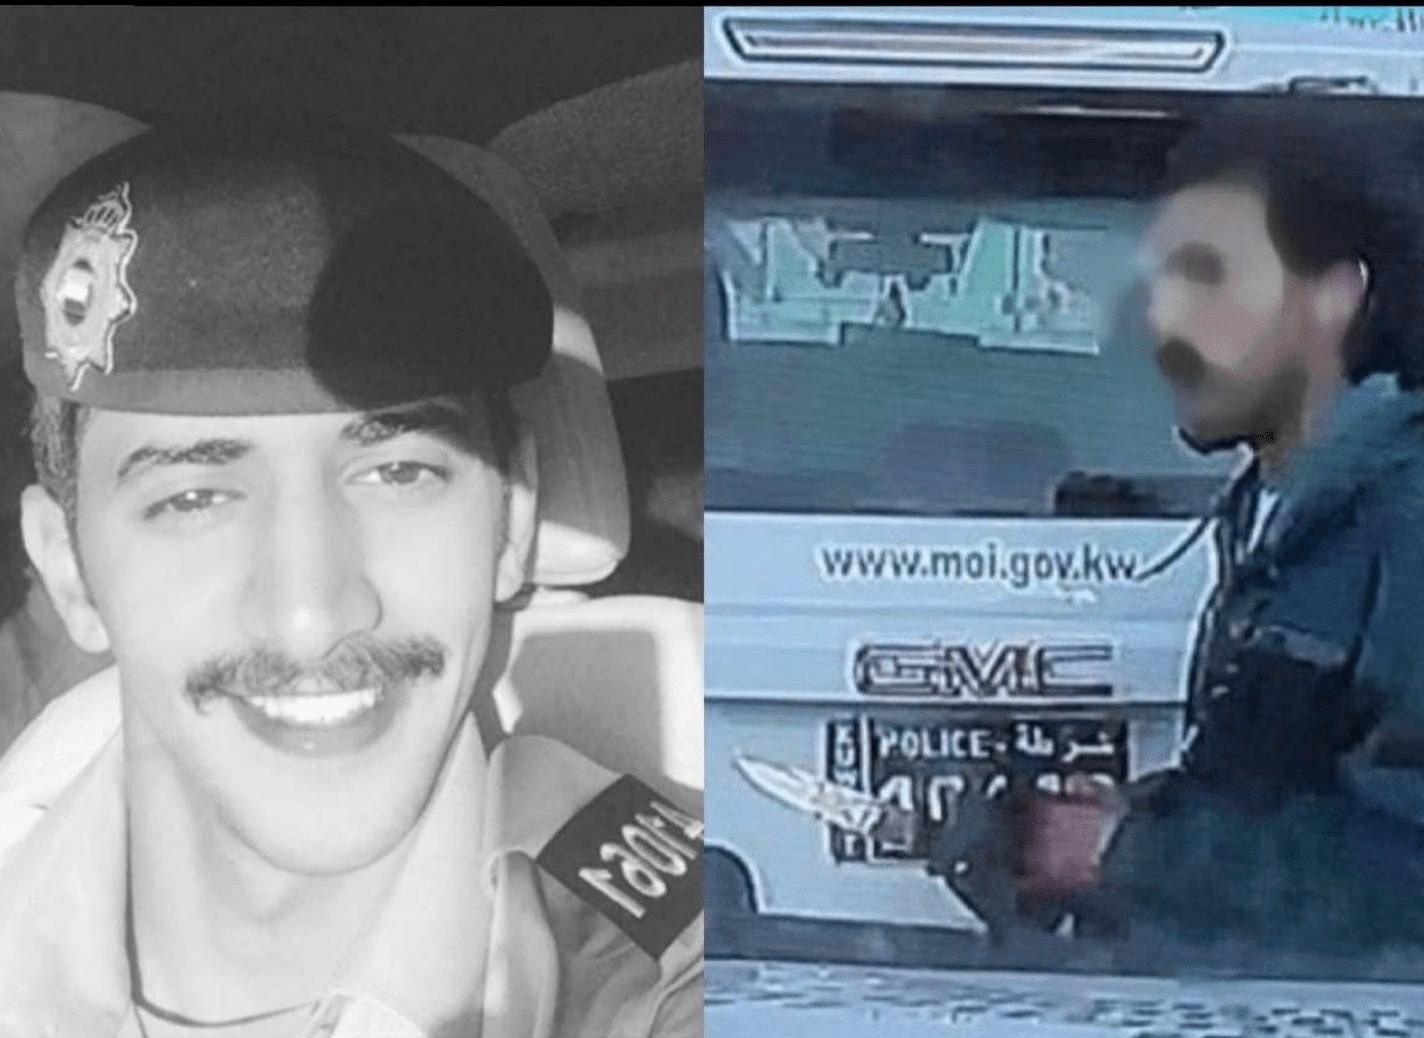 مفاجأة في جريمة المهبولة.. القاتل بدون وشرطي المرور ليس كويتي وهذا ما قاله زميله عن عدم إنقاذه